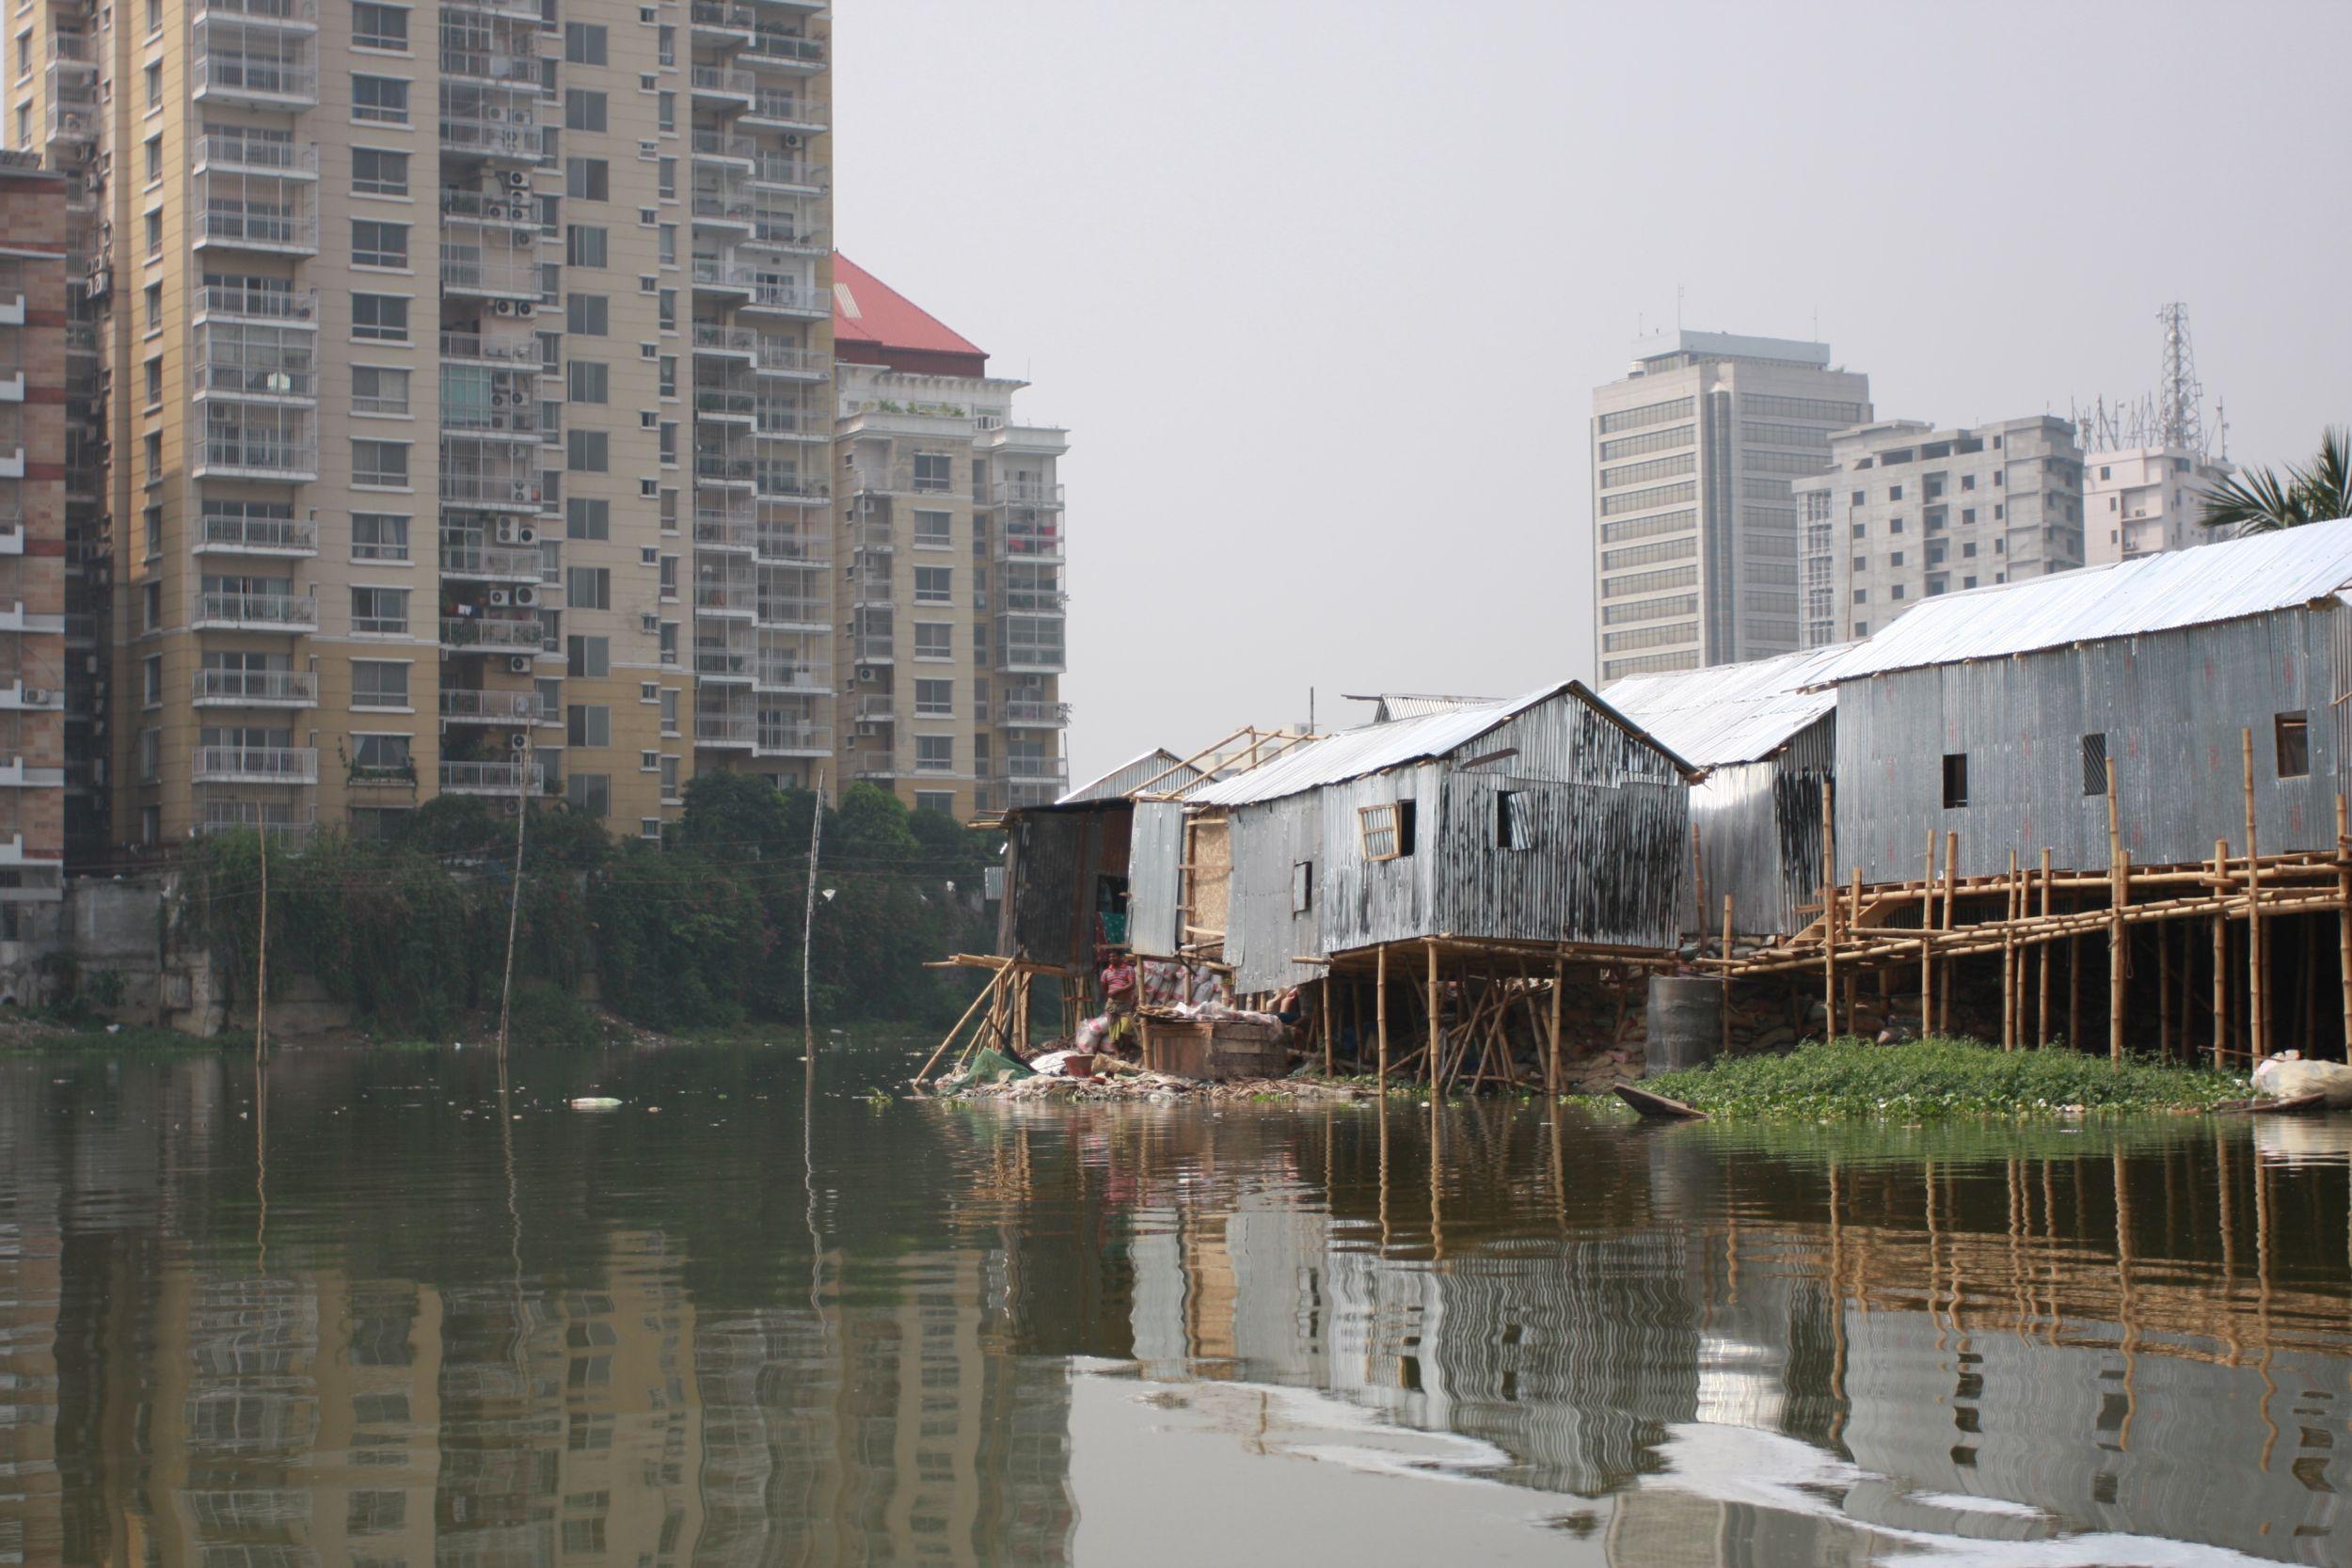 Dobre dzielnice płynnie przechodzą w slumsy. Na zdjęciu: Korail Bosti, tzw. Wyspa. Tu mieszkają szwaczki (fot. Marek Rabij)